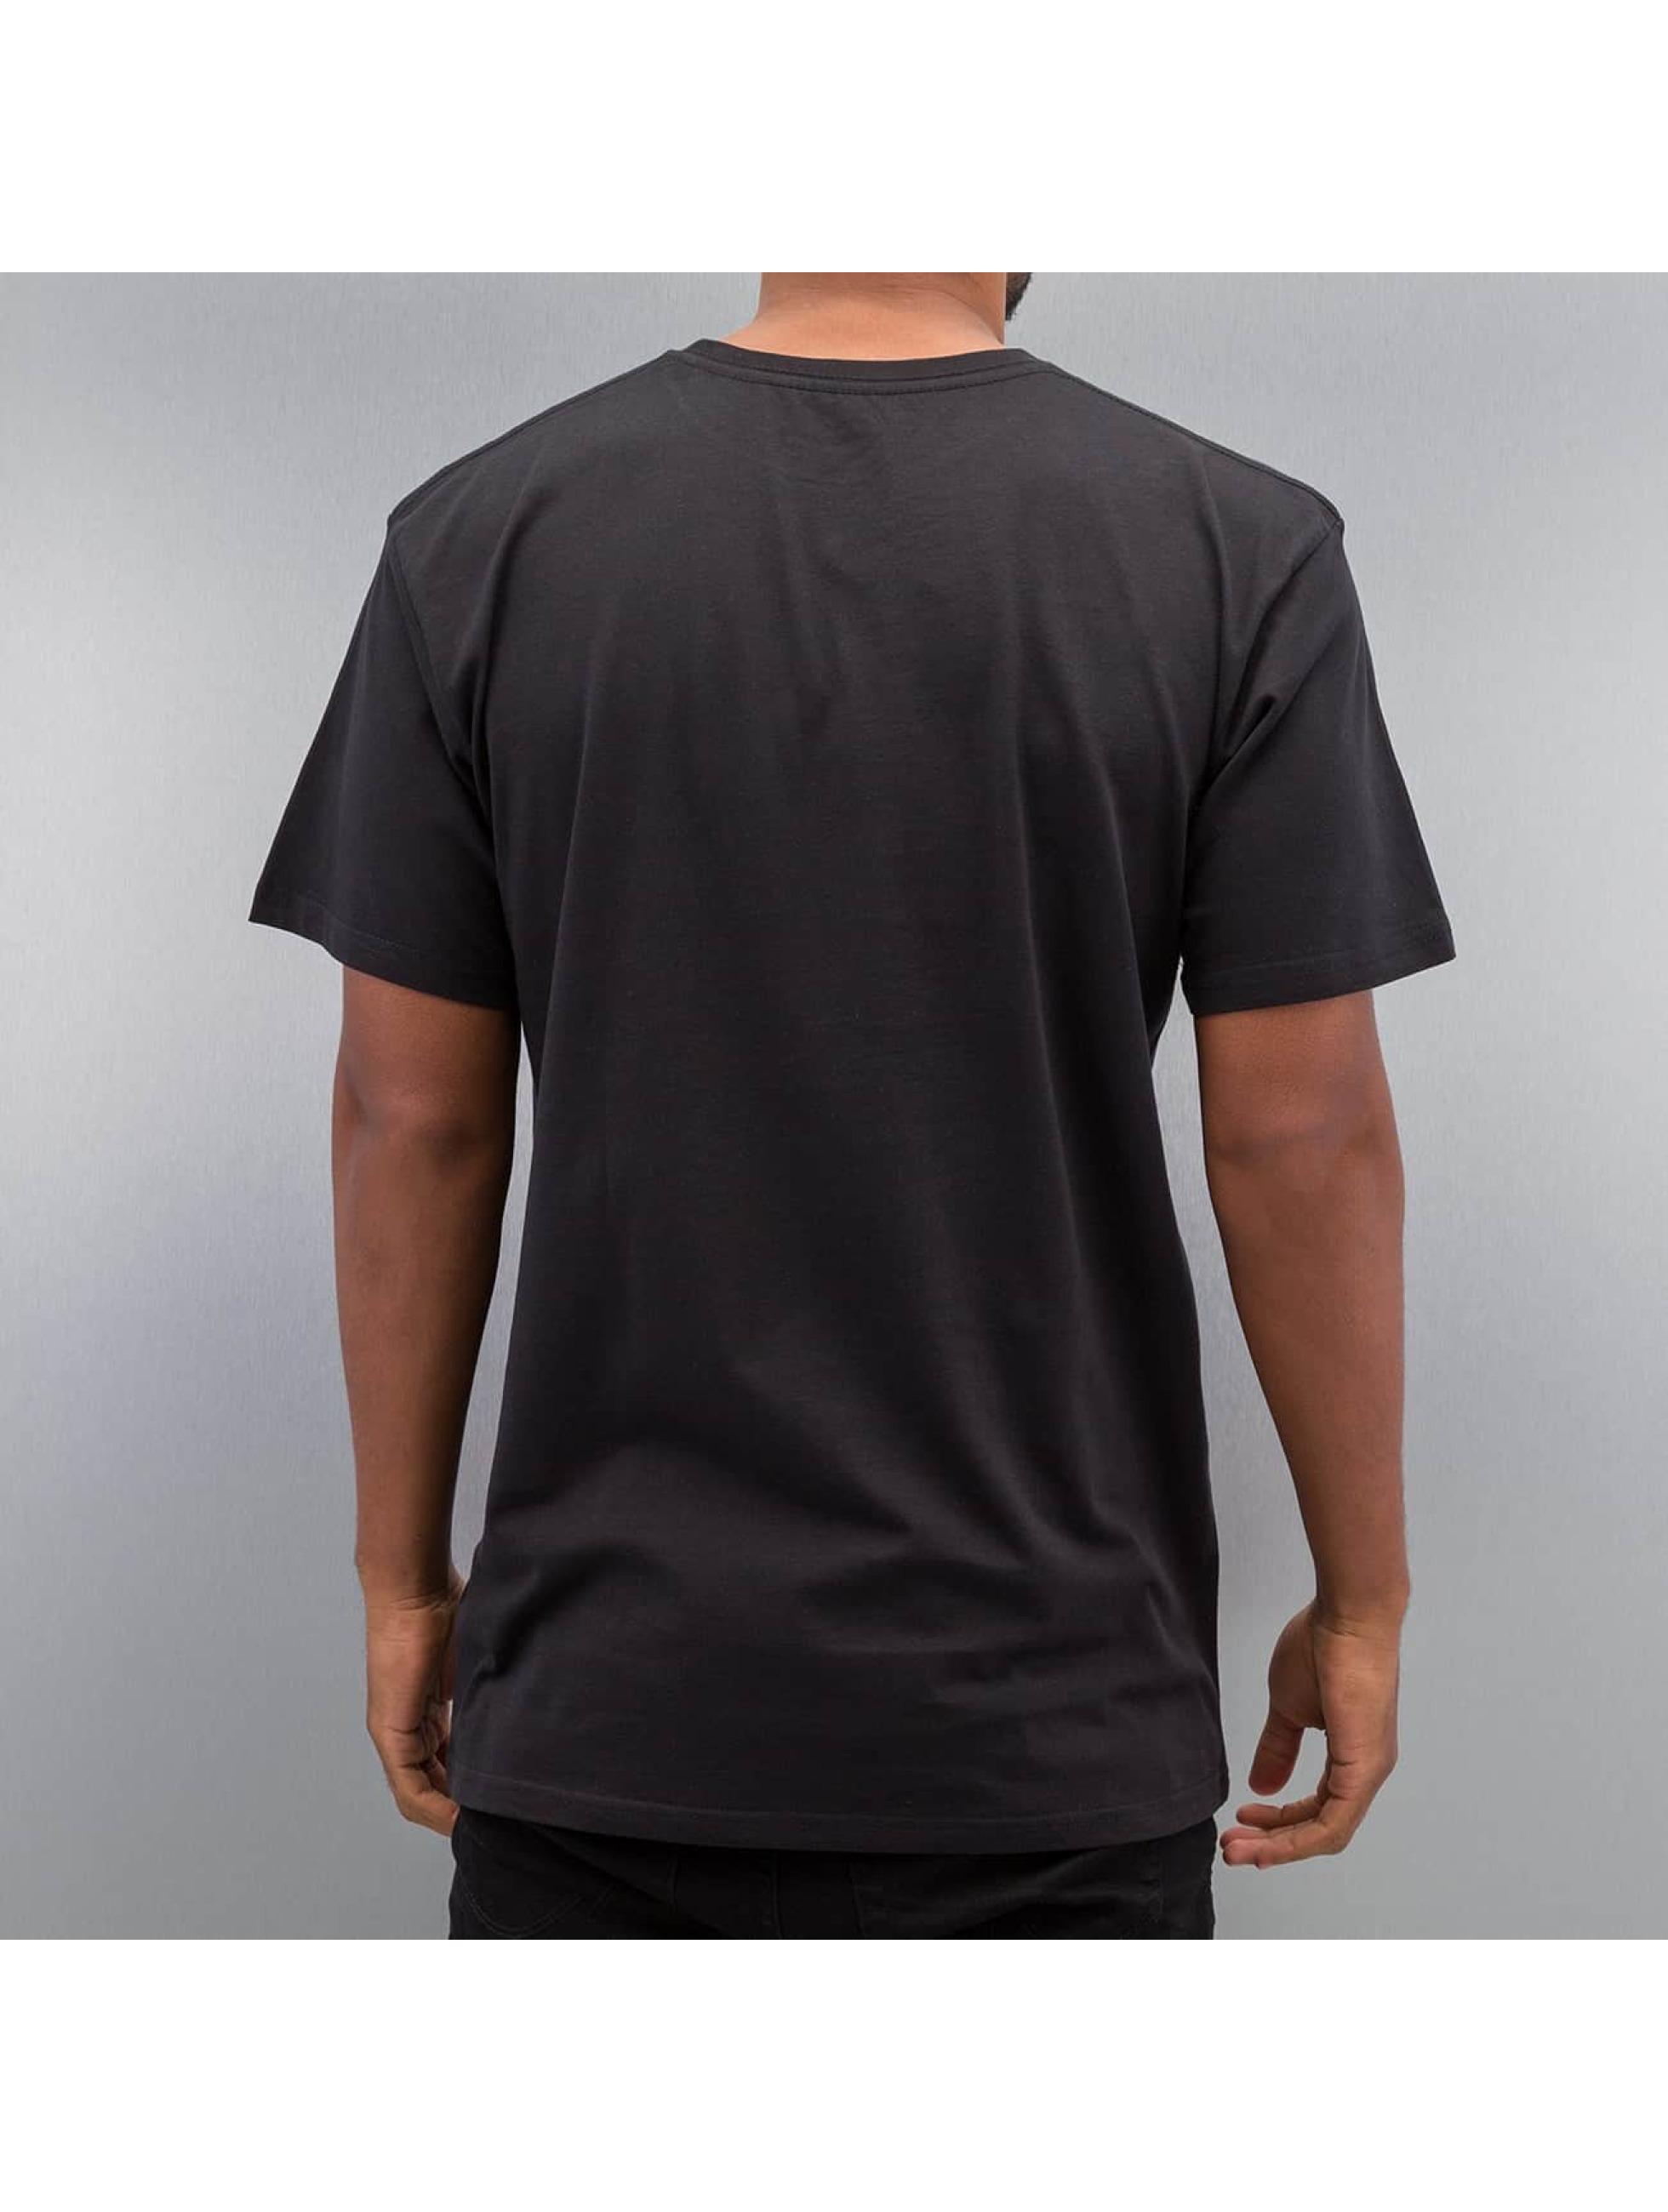 Quiksilver T-shirt Mugshot svart